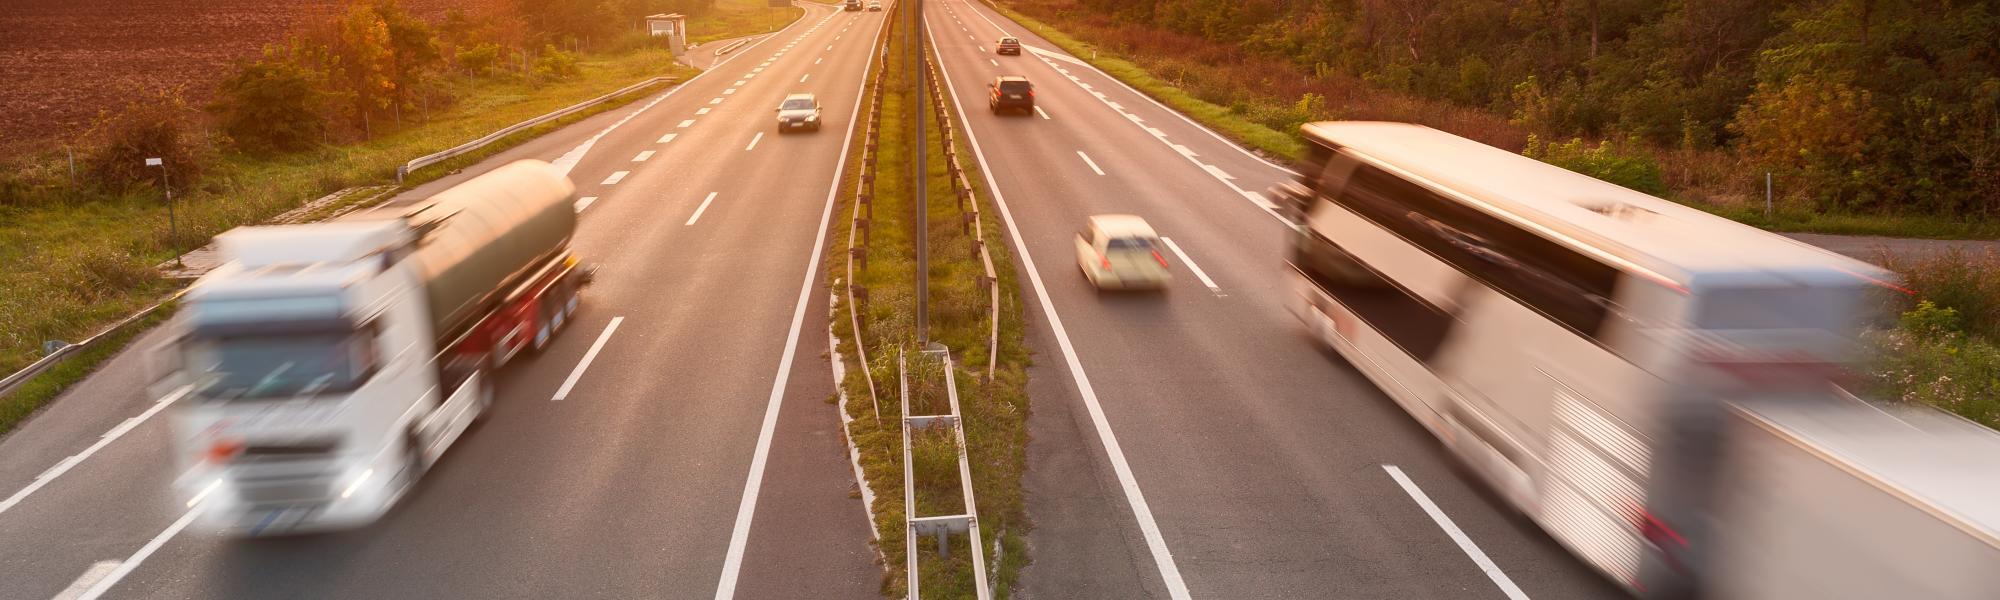 ЕС временно продлили срок действия разрешений для перевозчиков